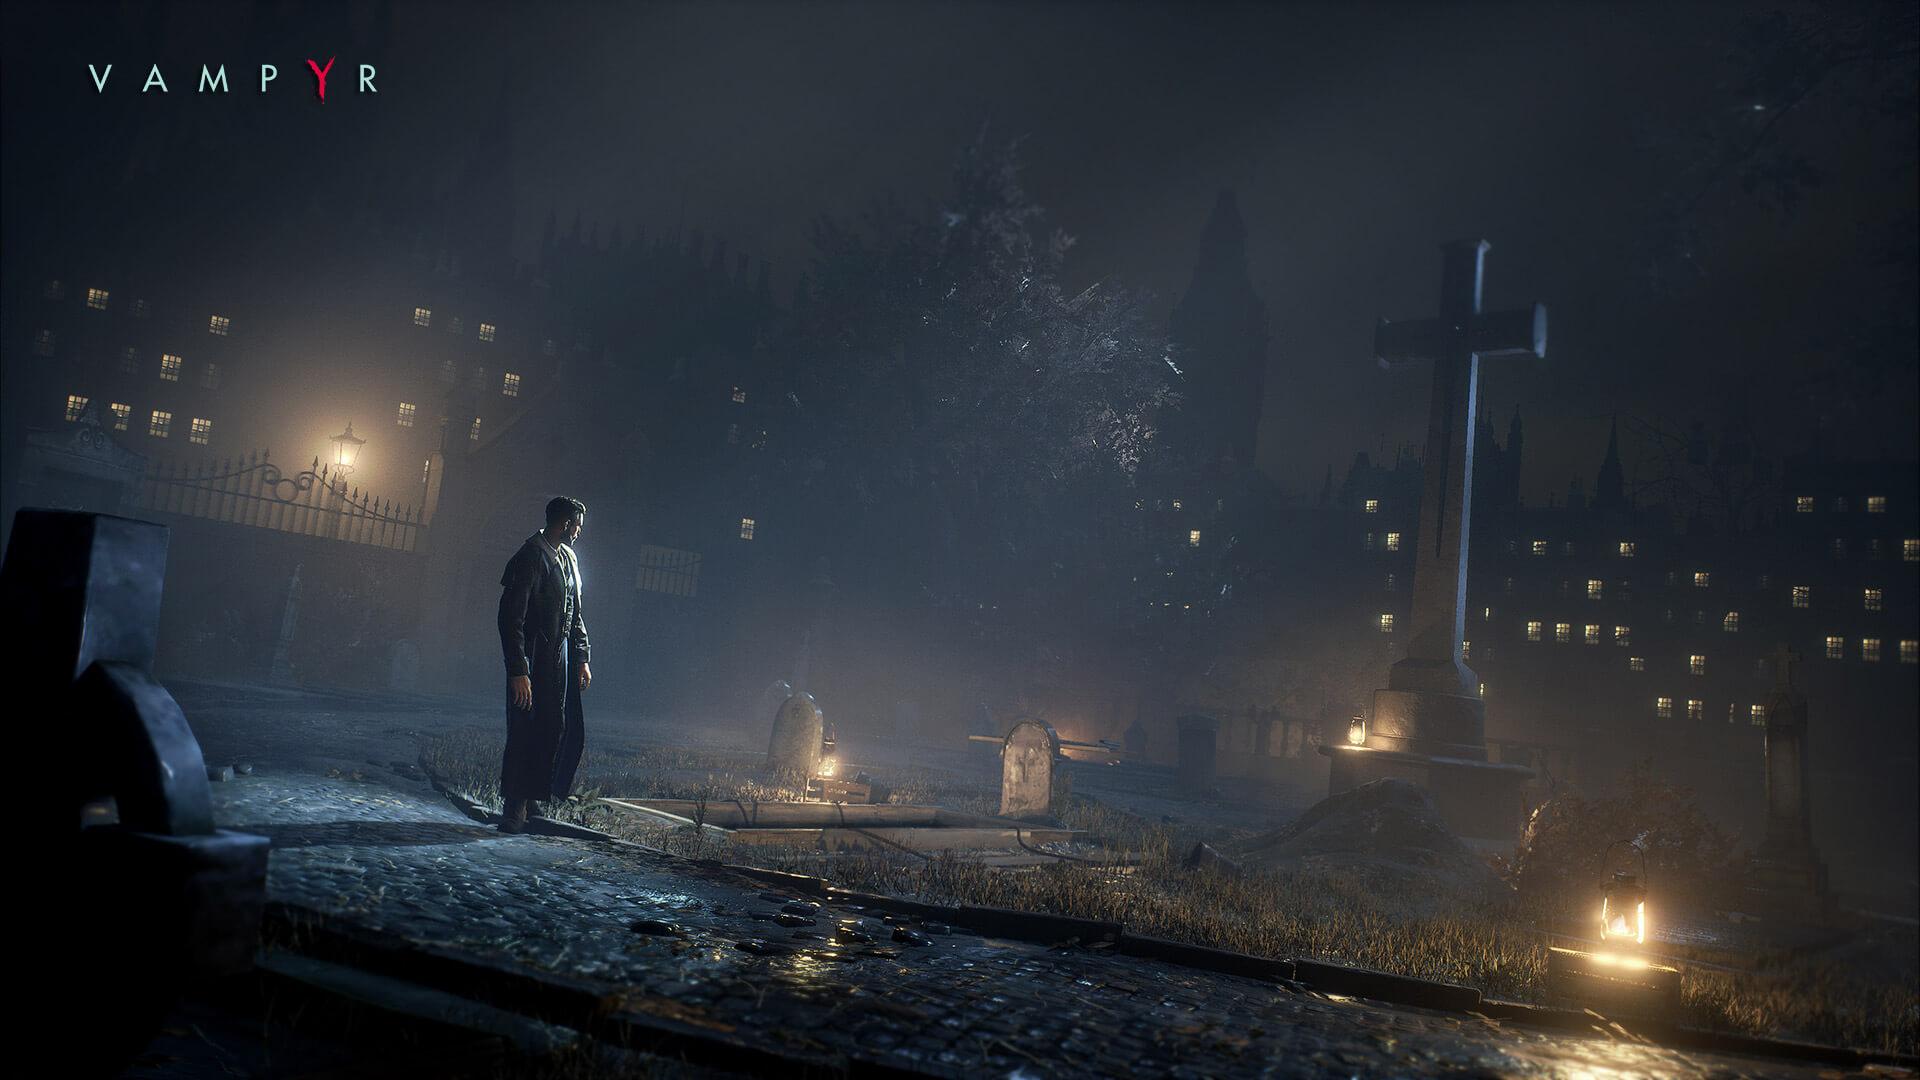 Vampyr: Das Rollenspiel wurde auf das Frühjahr 2018 verschoben